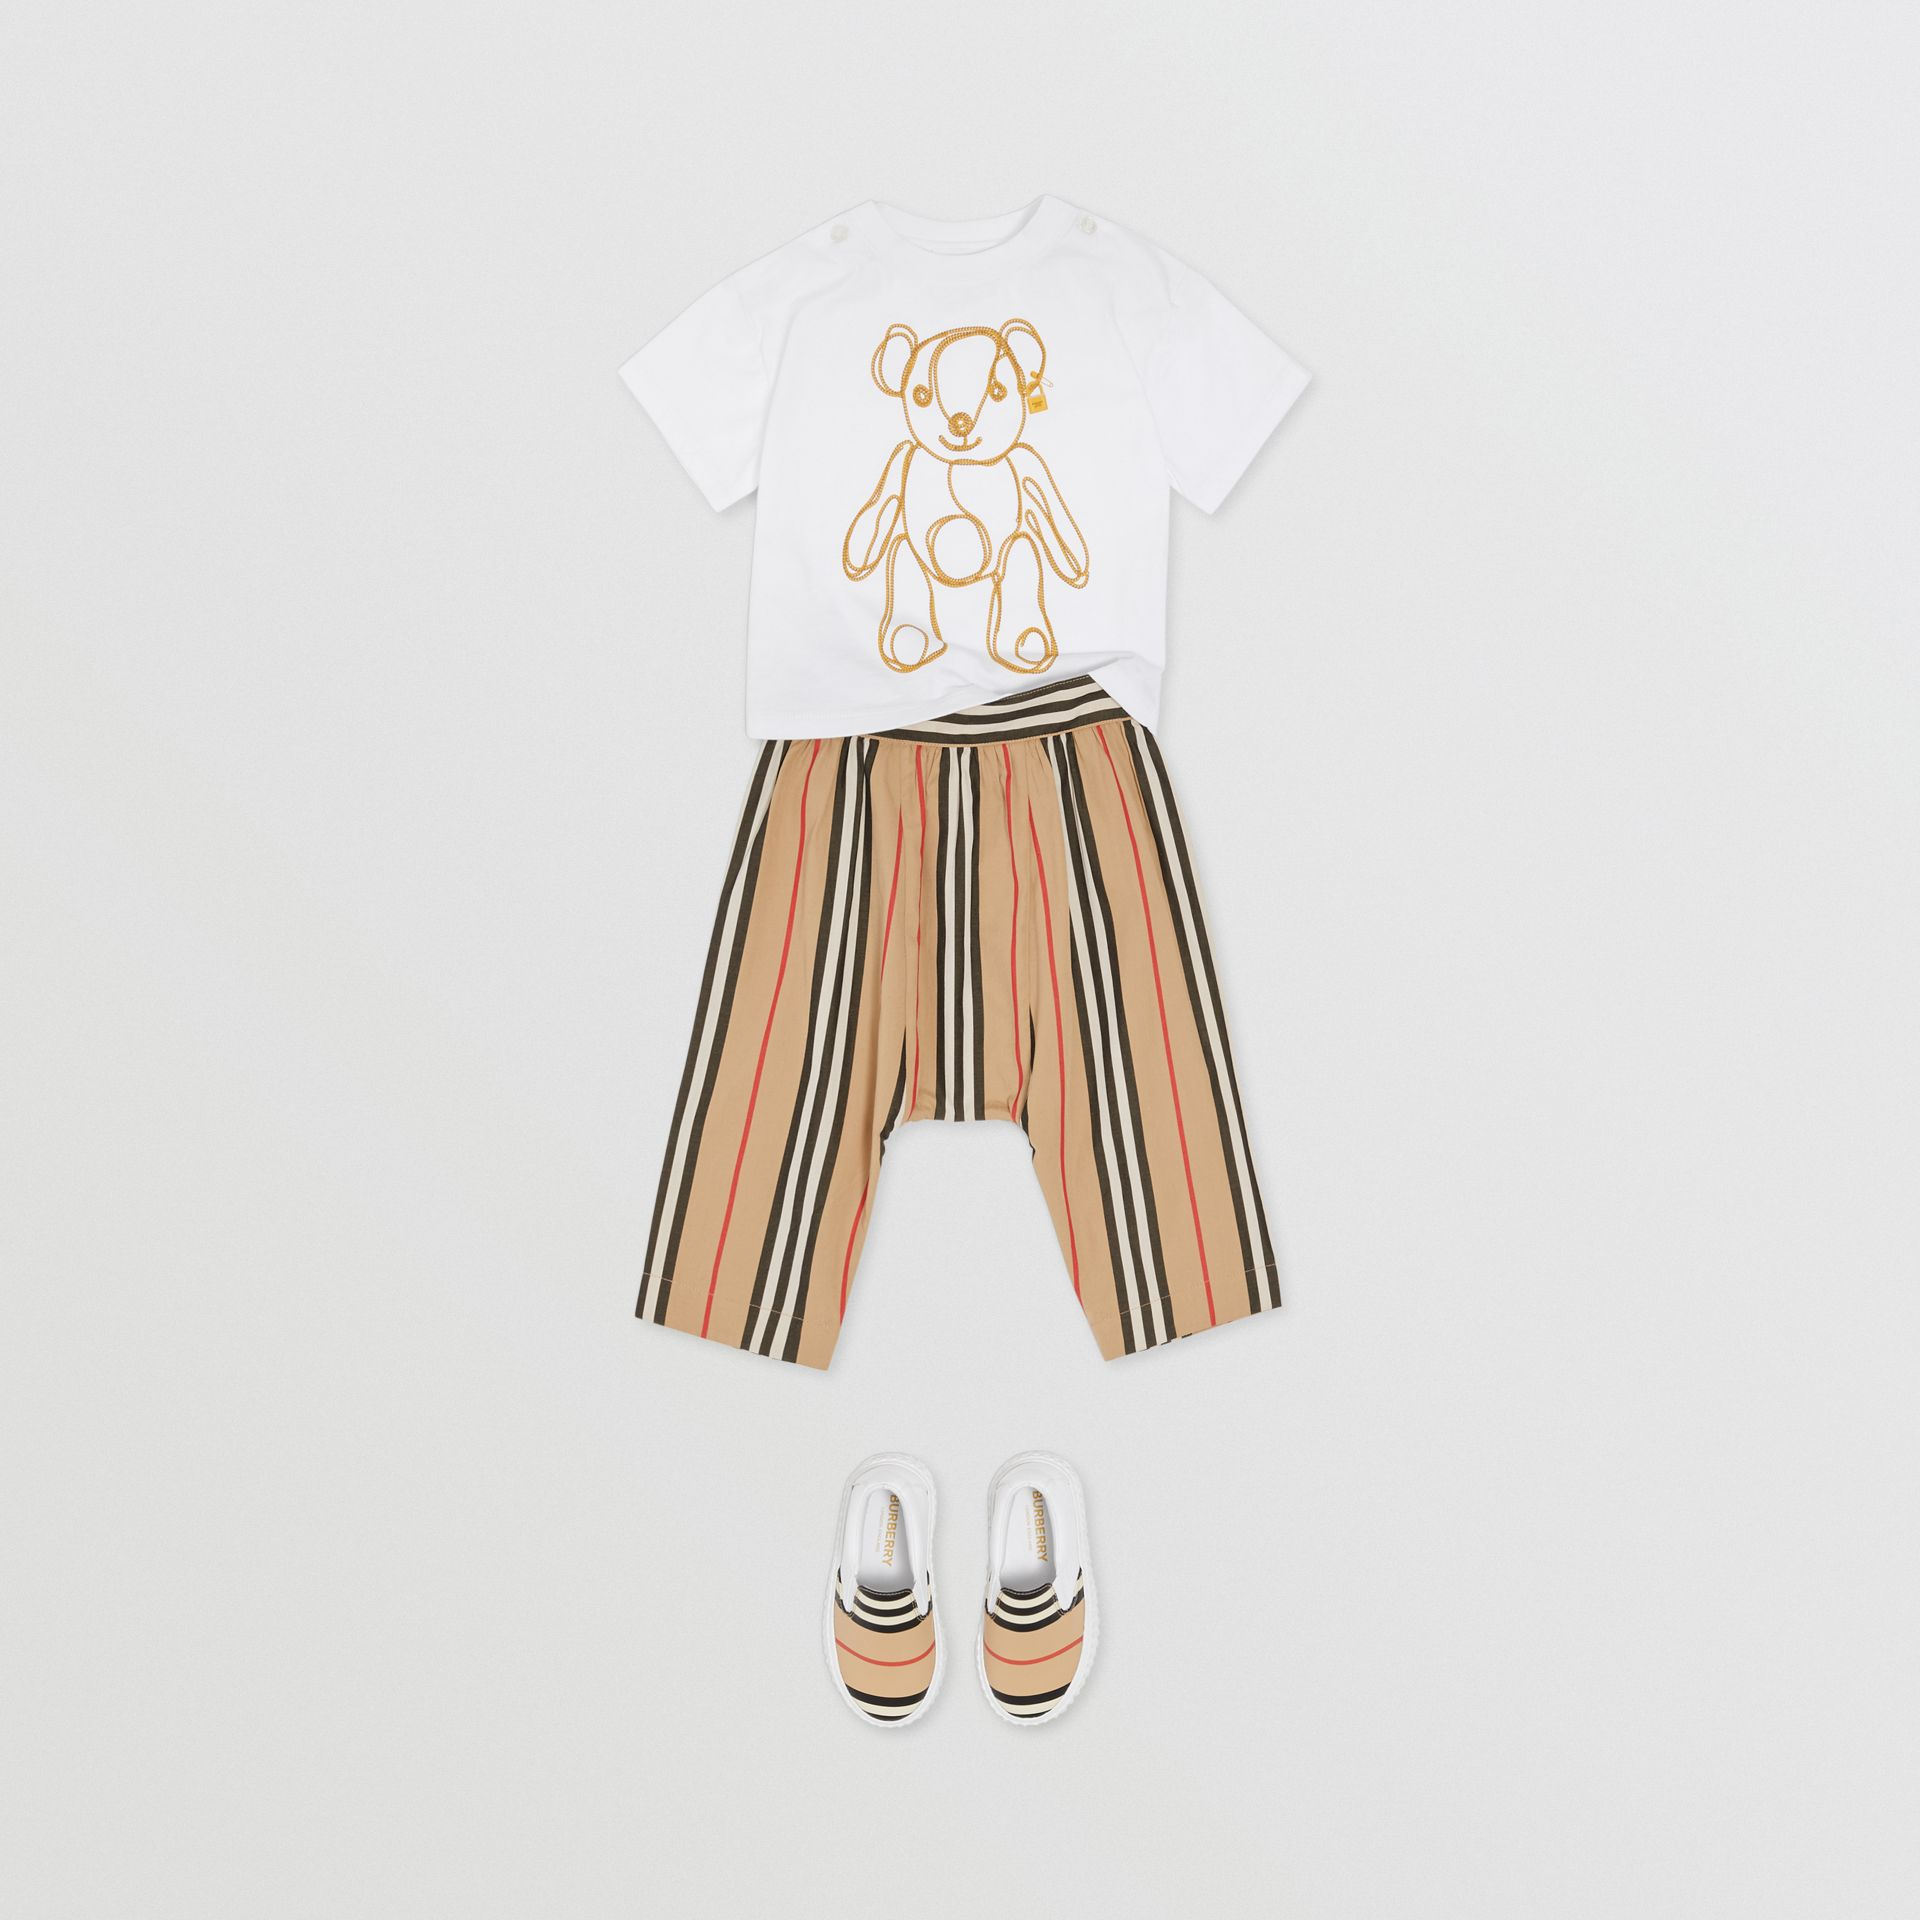 체인 프린트 코튼 티셔츠 (화이트) - 아동 | Burberry - 갤러리 이미지 2